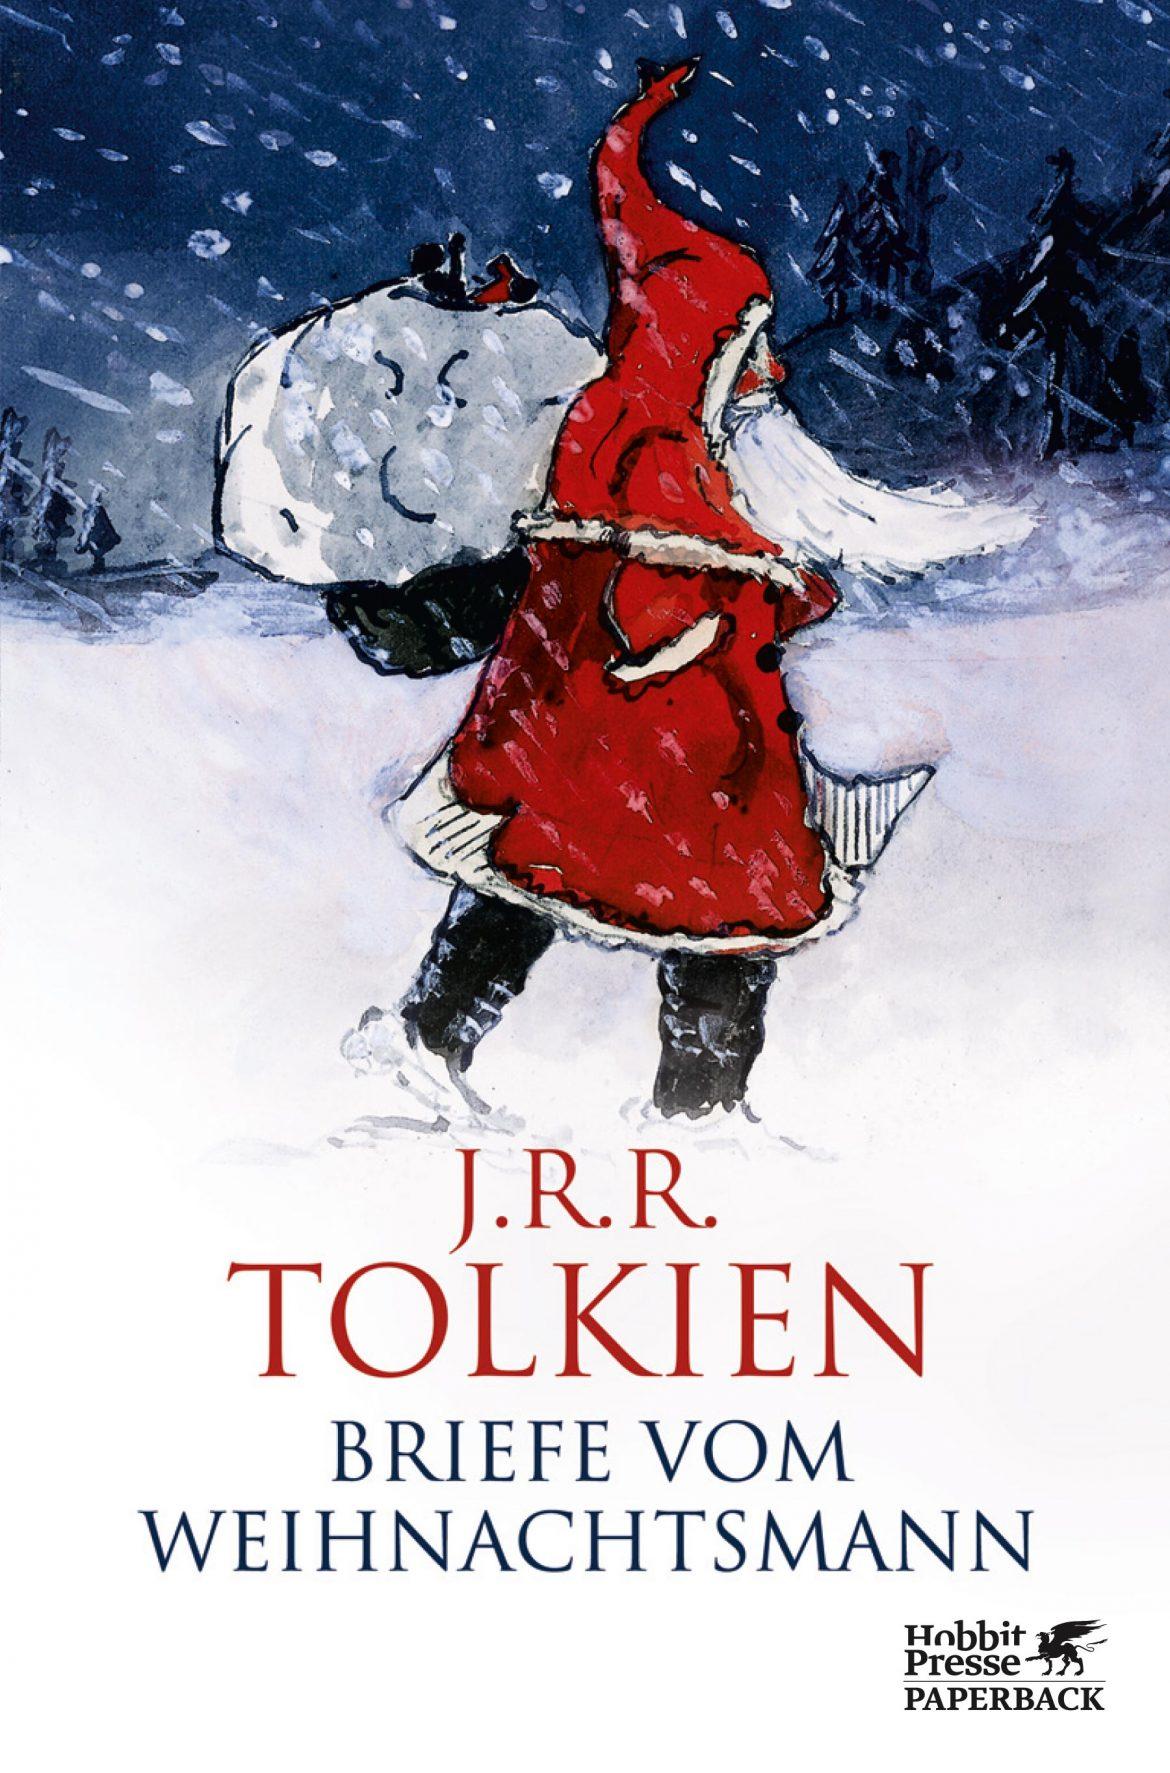 Briefe vom Weihnachtsmann von J.R.R. Tolkien